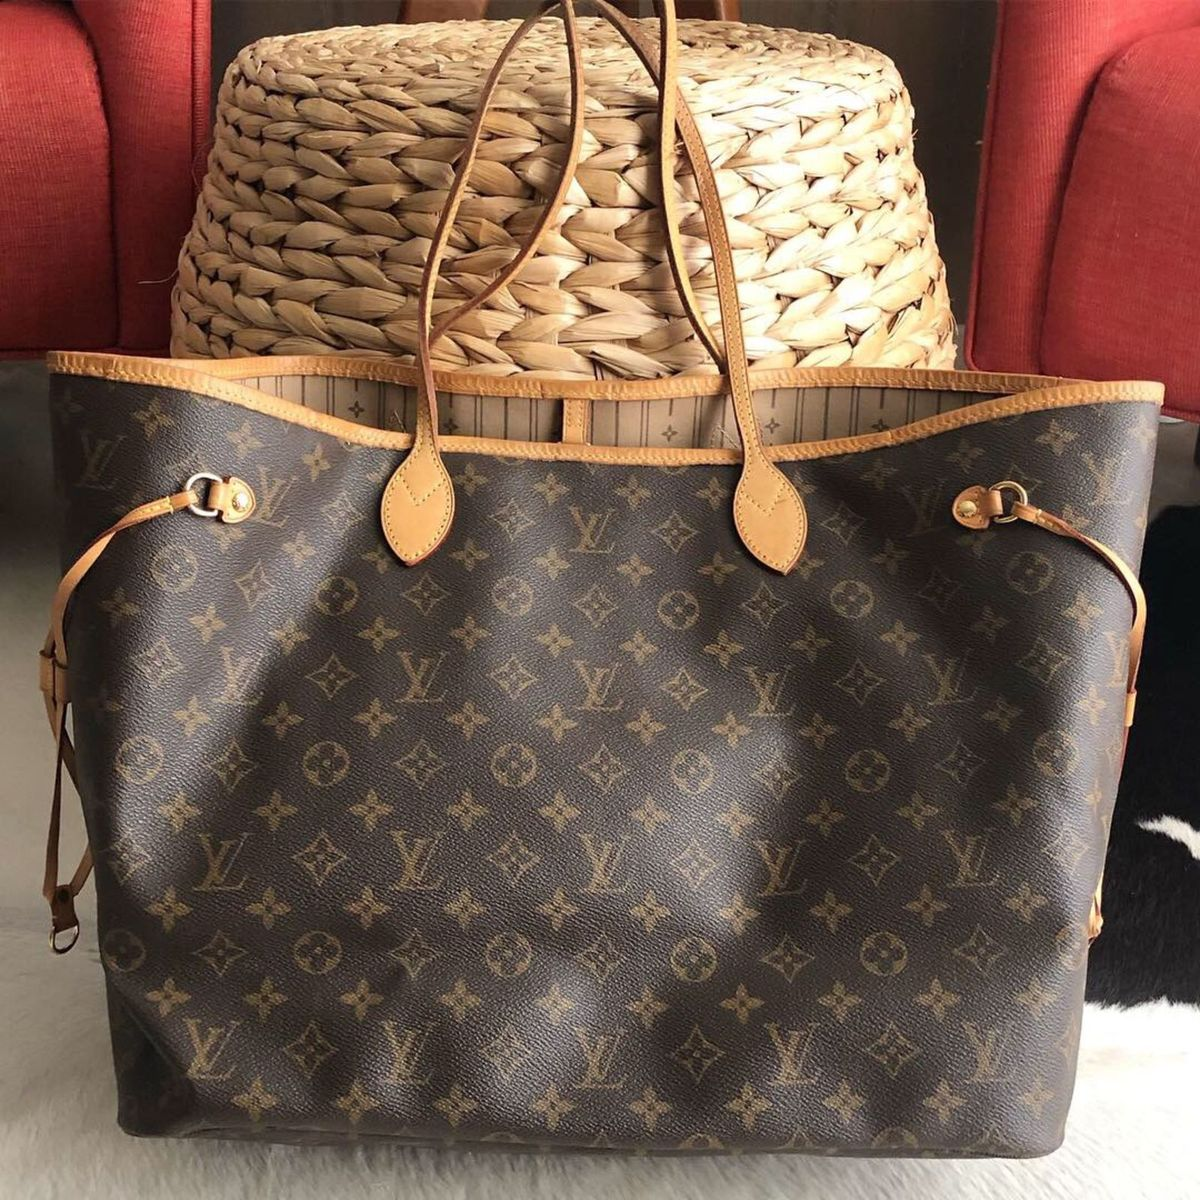 d4aff2ab6 Bolsa Louis Vuitton Neverfull Gm Original | Bolsa Masculina Louis ...